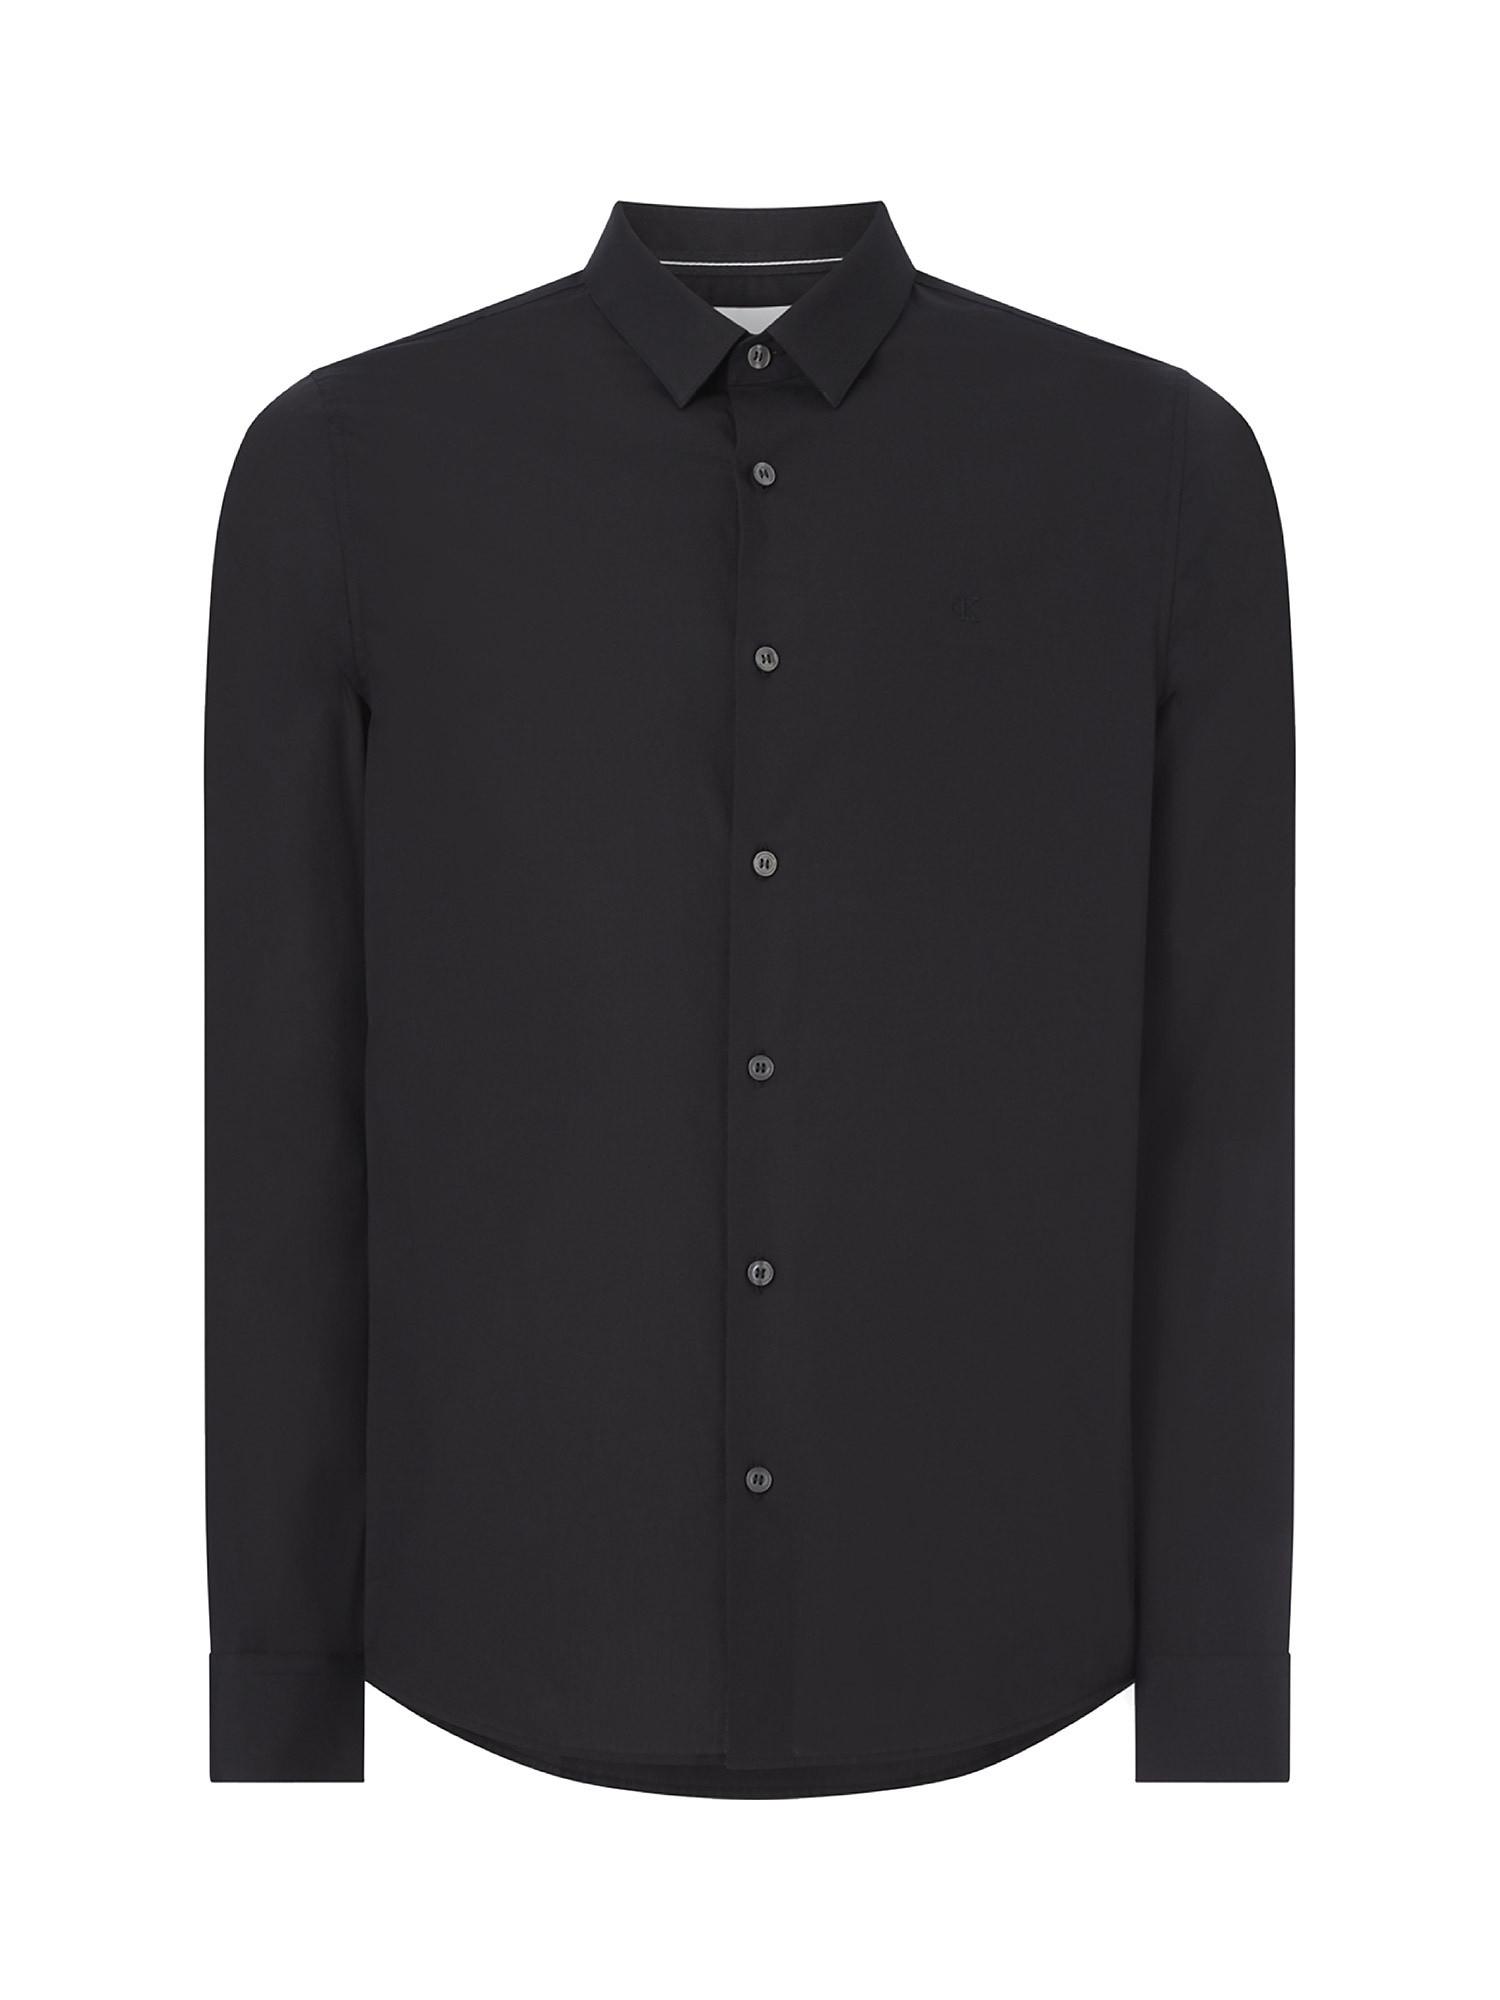 Camicia in cotone elasticizzato, Nero, large image number 0